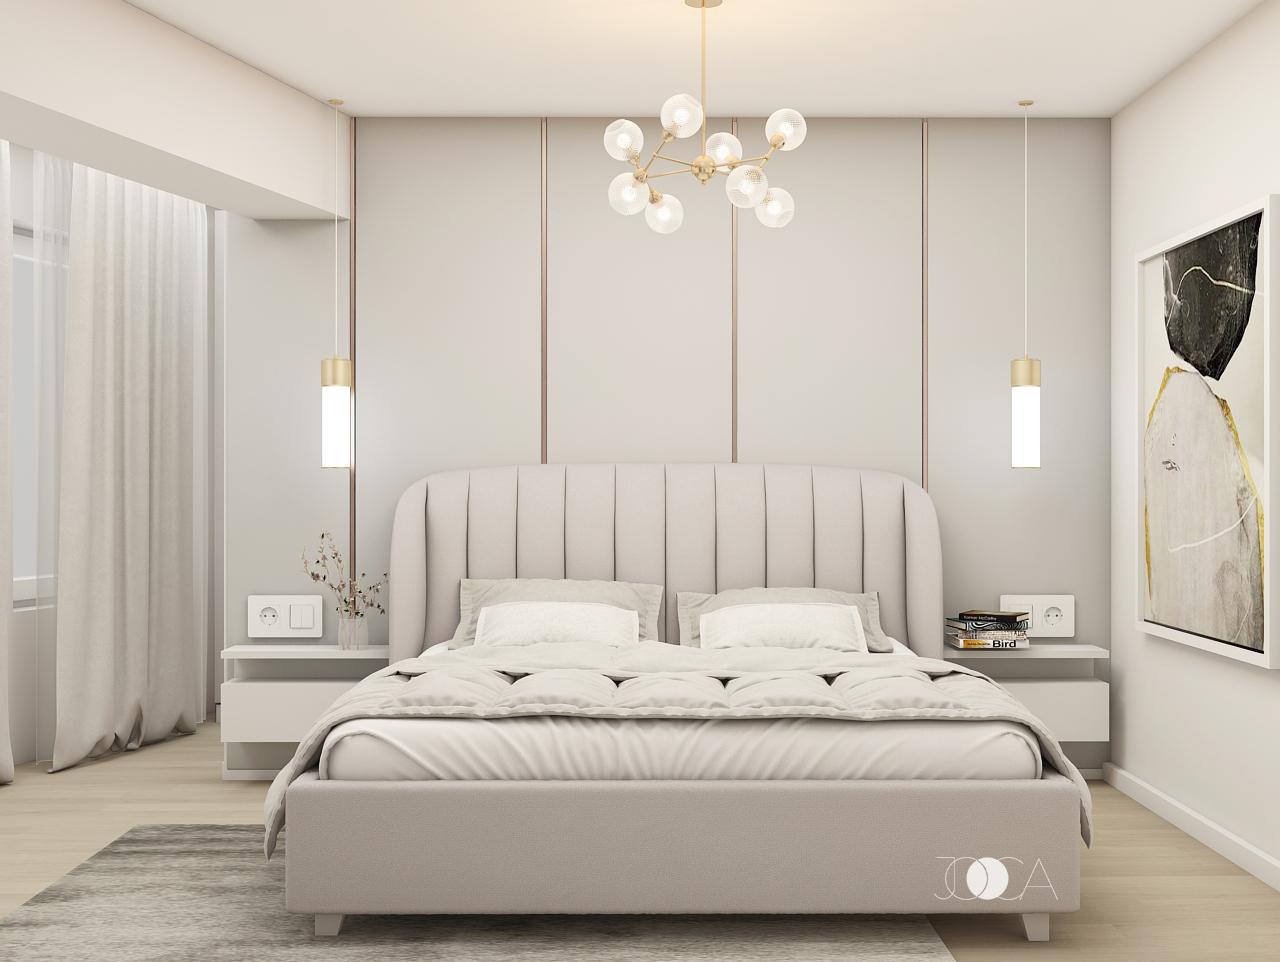 Tablia patului este usor curbata si are cusaturi verticale. Elementele verticale se regasesc si pe peretele din spate, prin profilele aurii. Toate acestea, alaturi de accentele aurii, dau amenajarii un aer elegant.